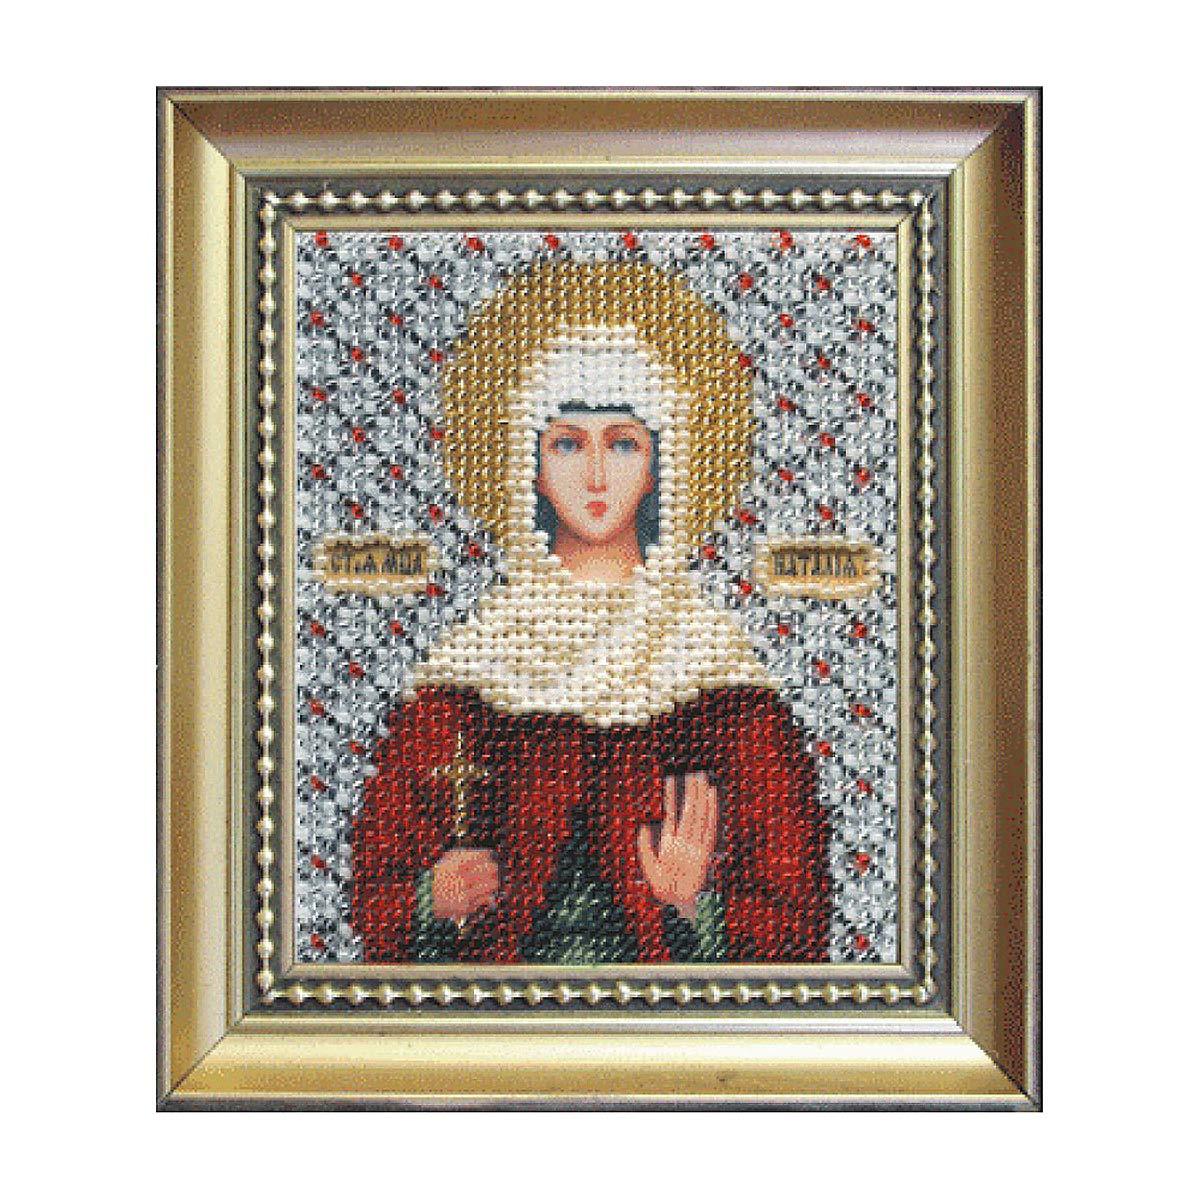 Б-1027 Набор для вышивания бисером 'Чарівна Мить' 'Икона святая мученица Наталия', 11*9 см